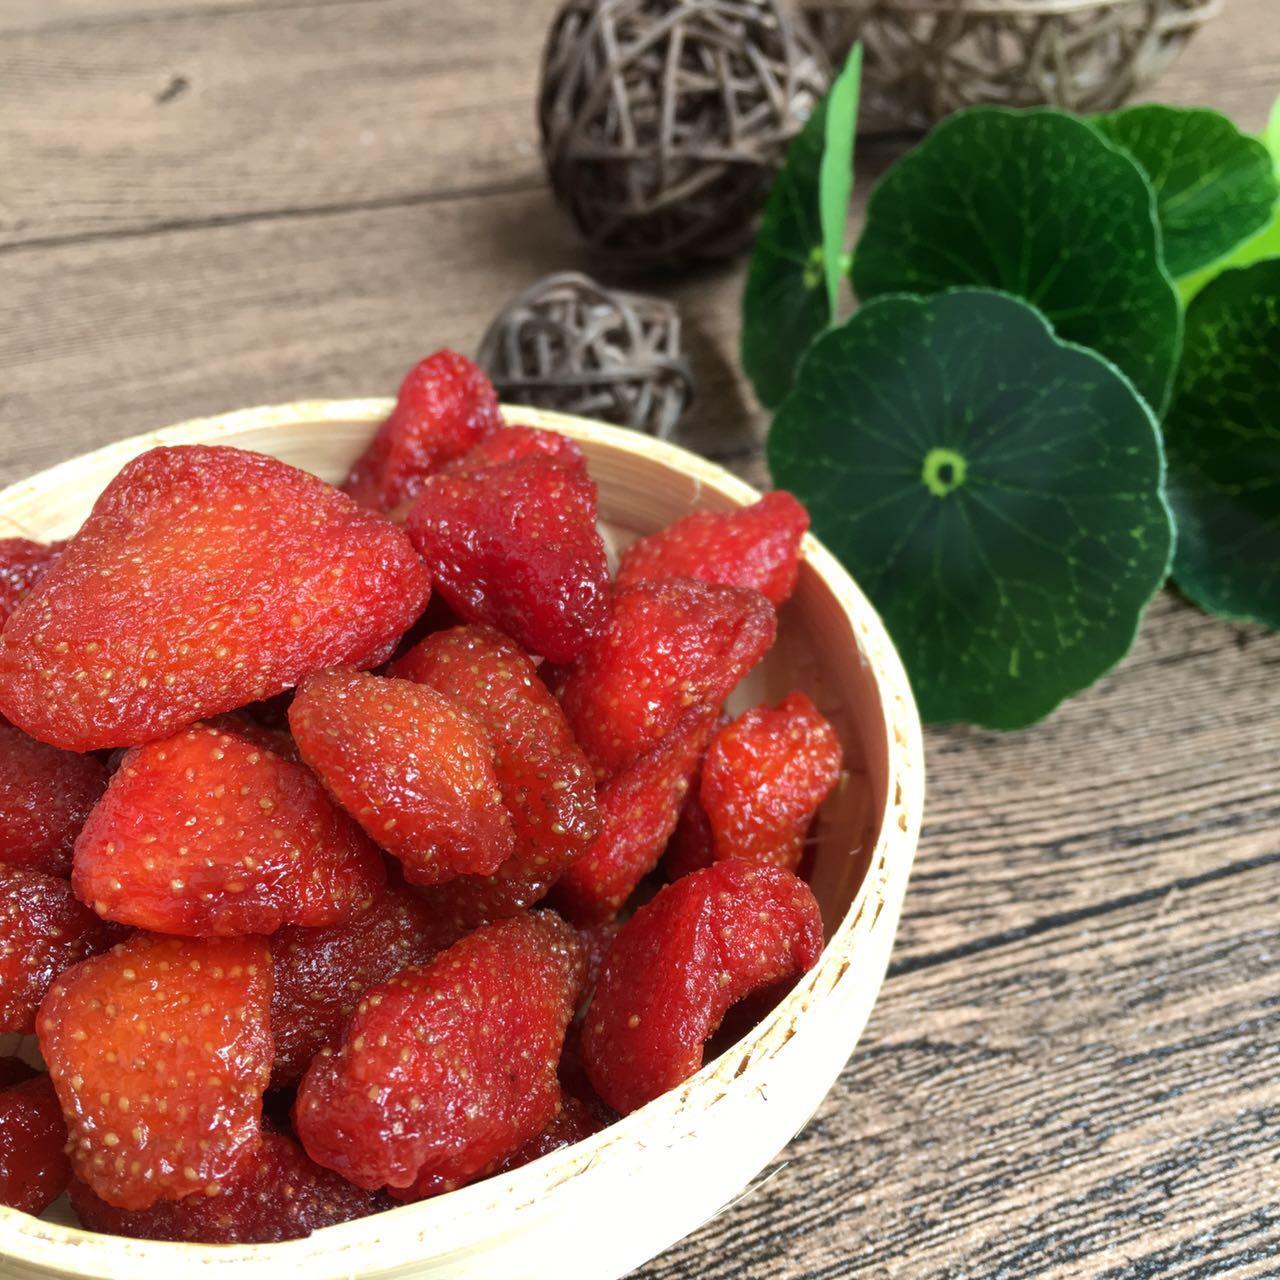 闽南果味多法兰蒂草莓干草莓蜜饯果脯250g